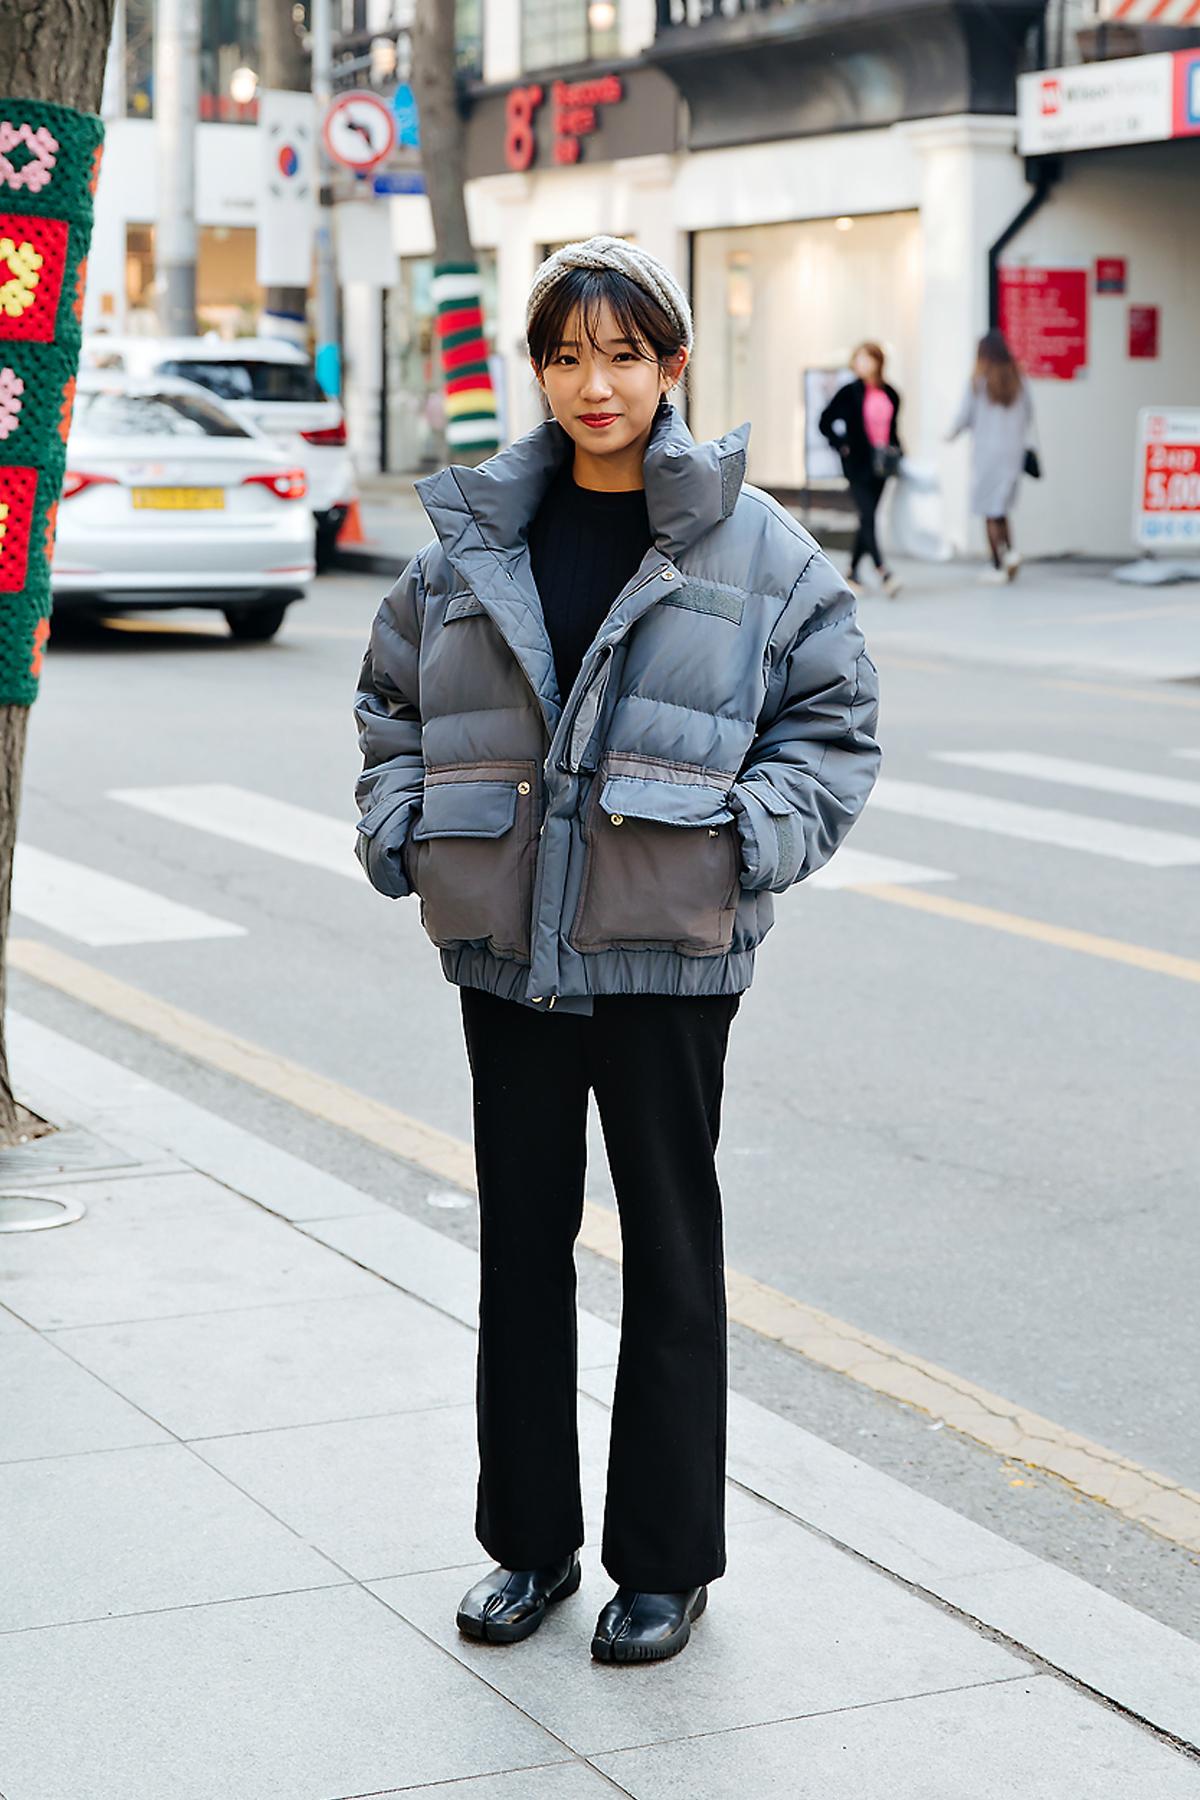 Lee Dasom, Street style women winter 2017-2018 inseoul